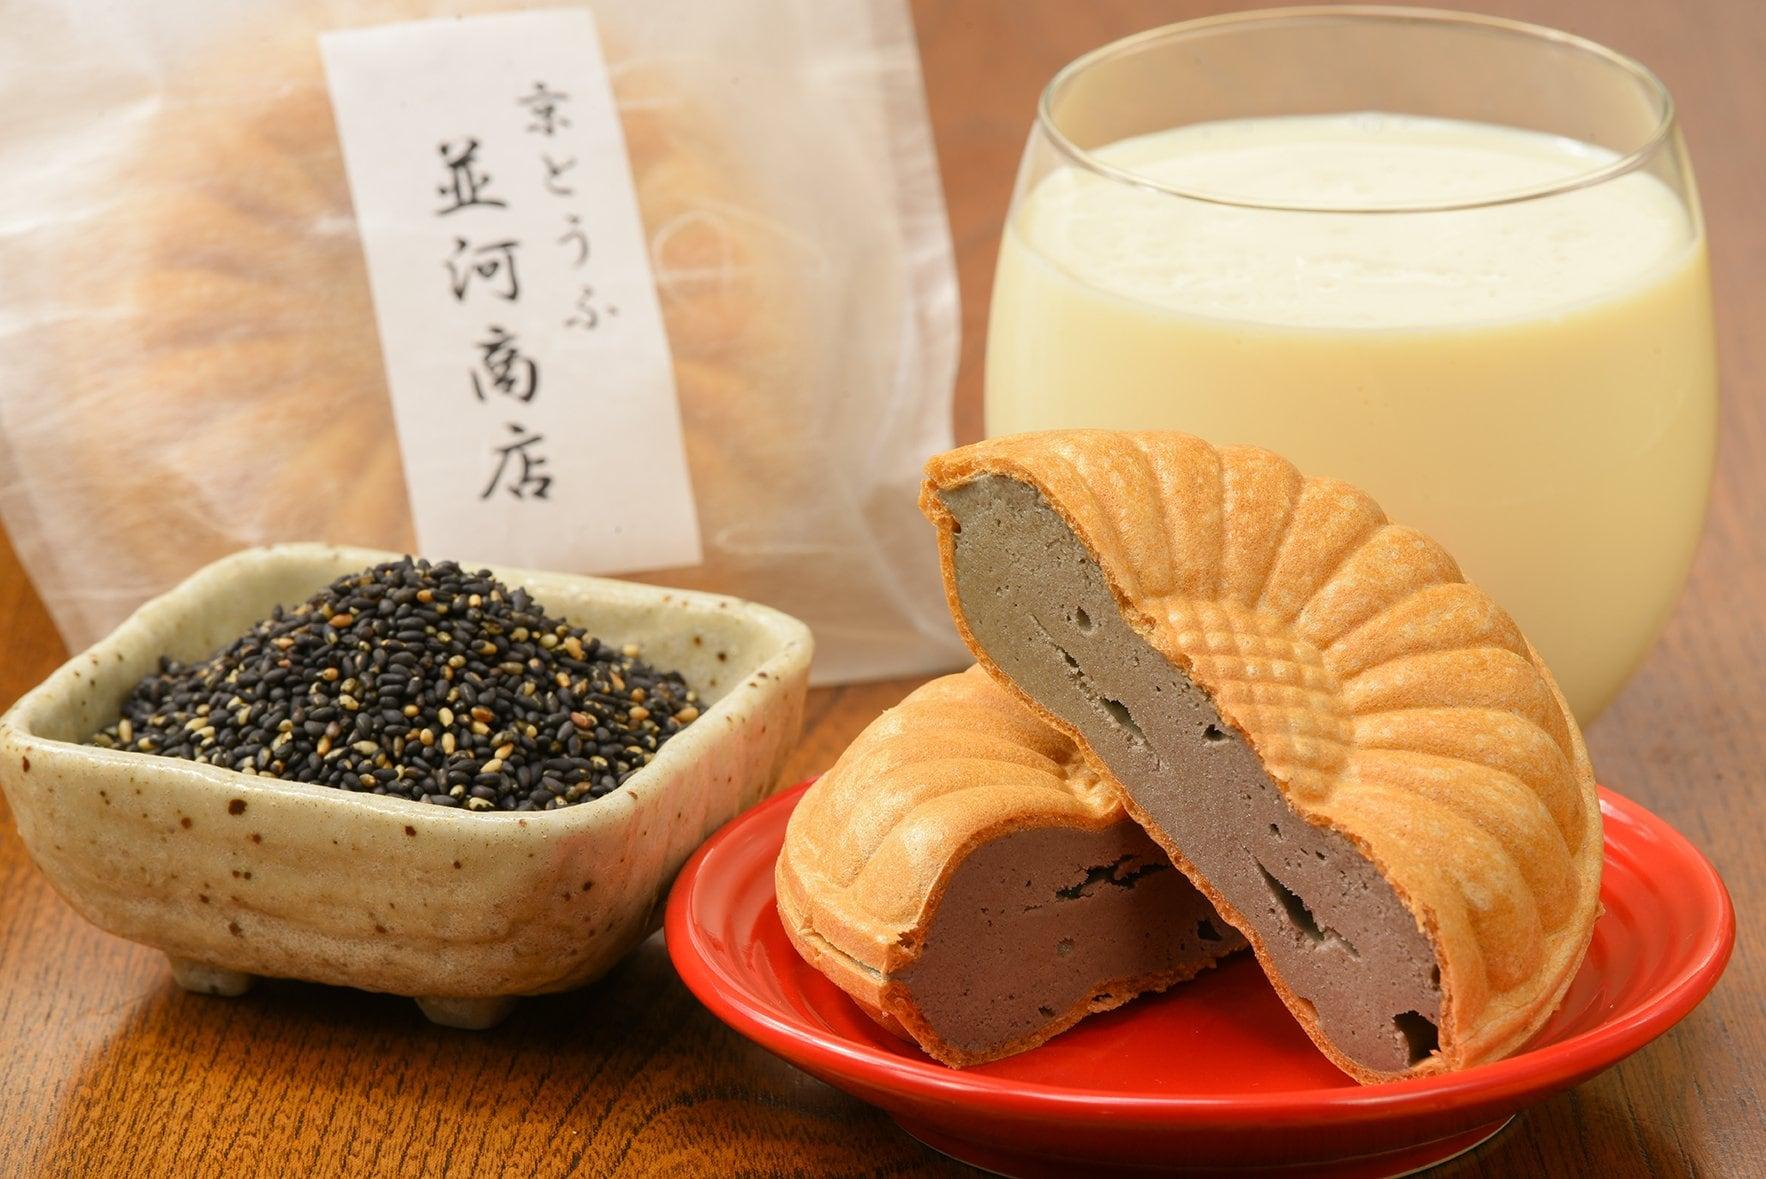 黒ごま入り豆腐アイス